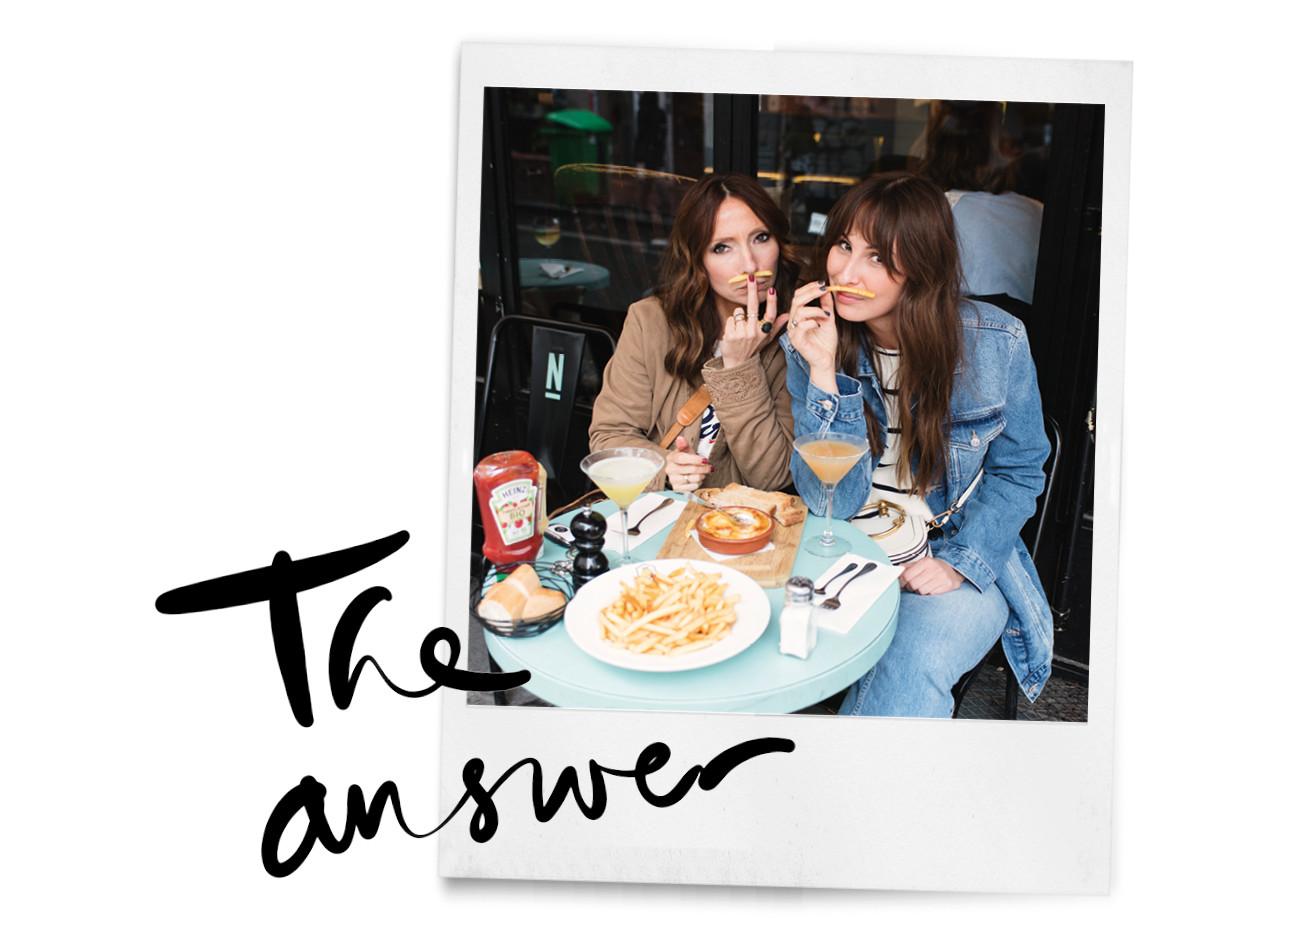 lil en may eten snacks in parijs op een terras friet en cocktails chanel tas